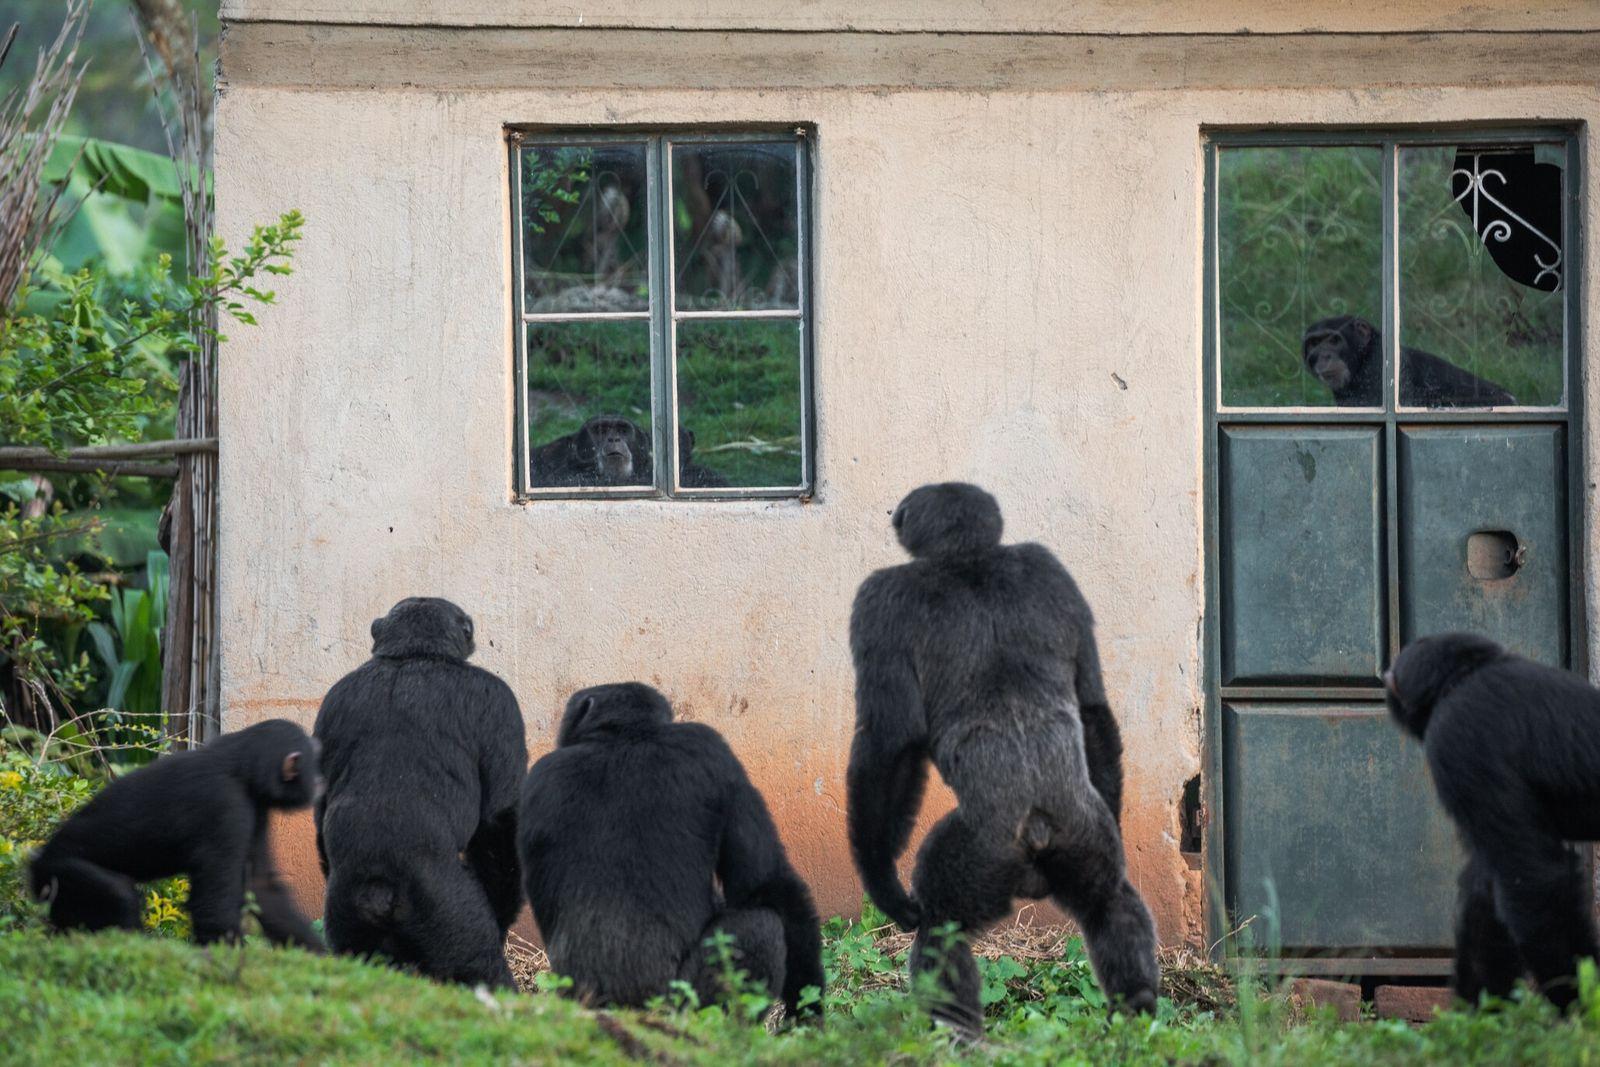 Fotografía de chimpancés acechando una casa en Uganda